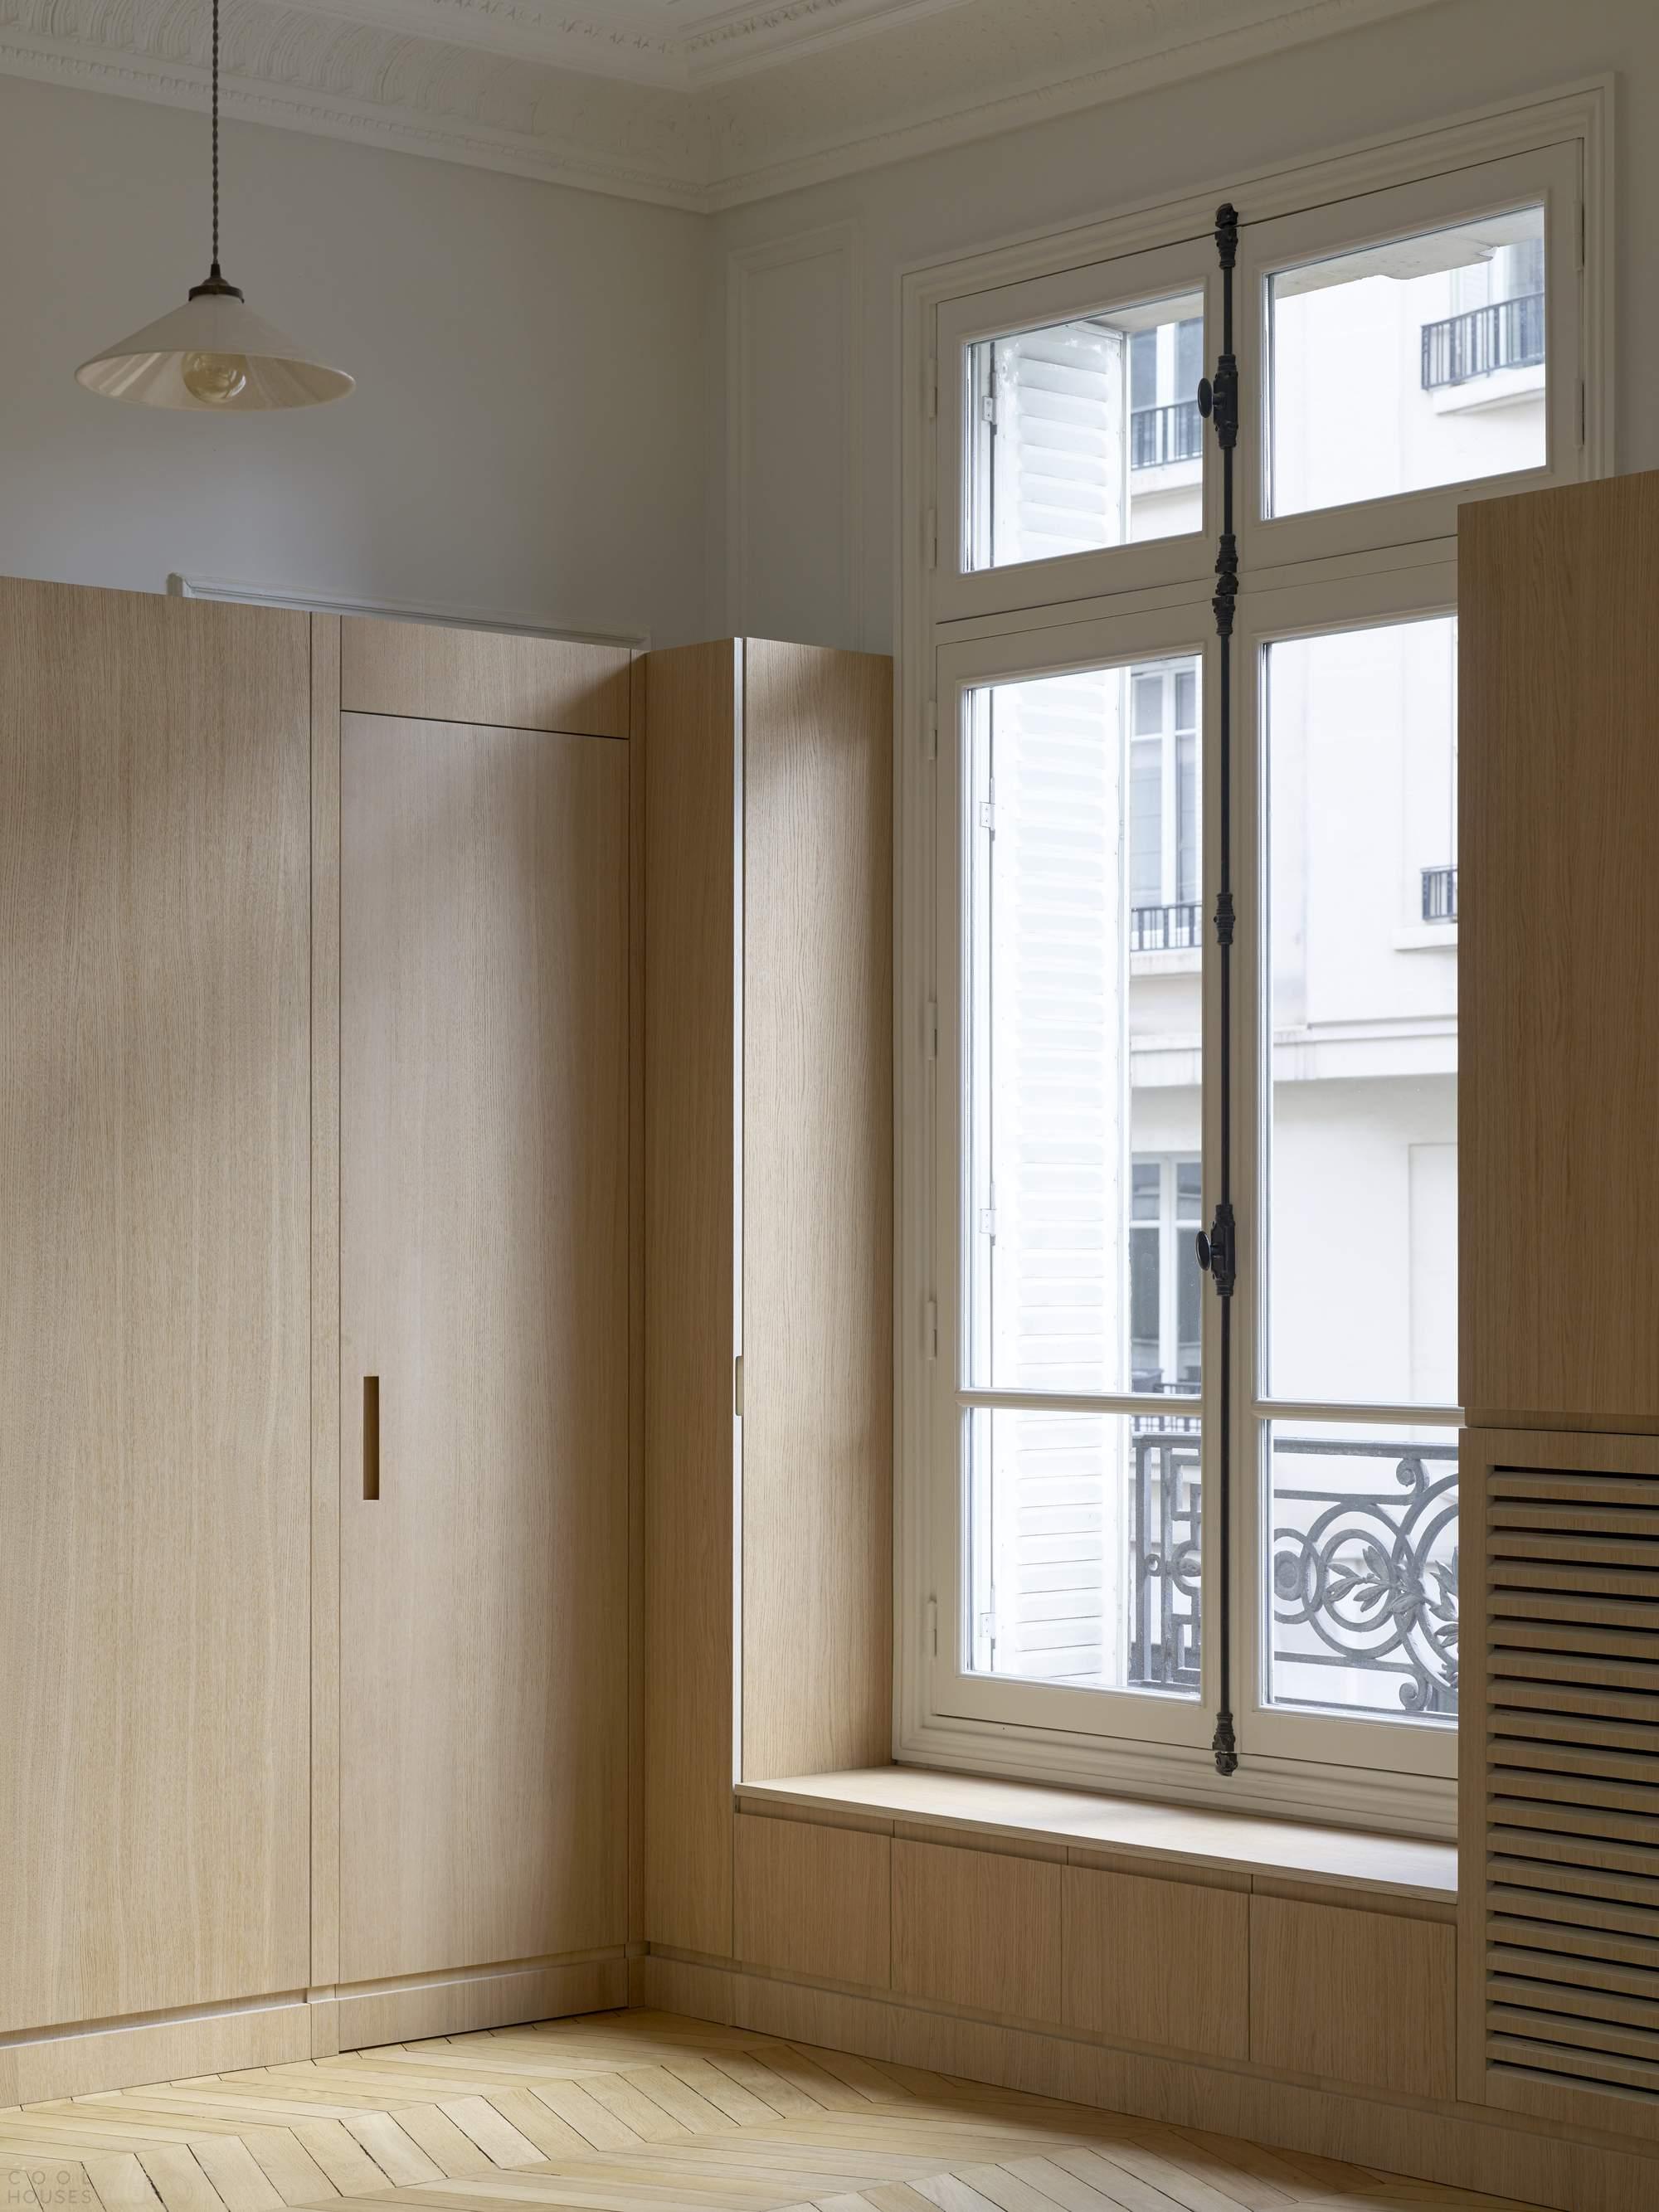 Квартира с оригинальной пространственной системой, Франция